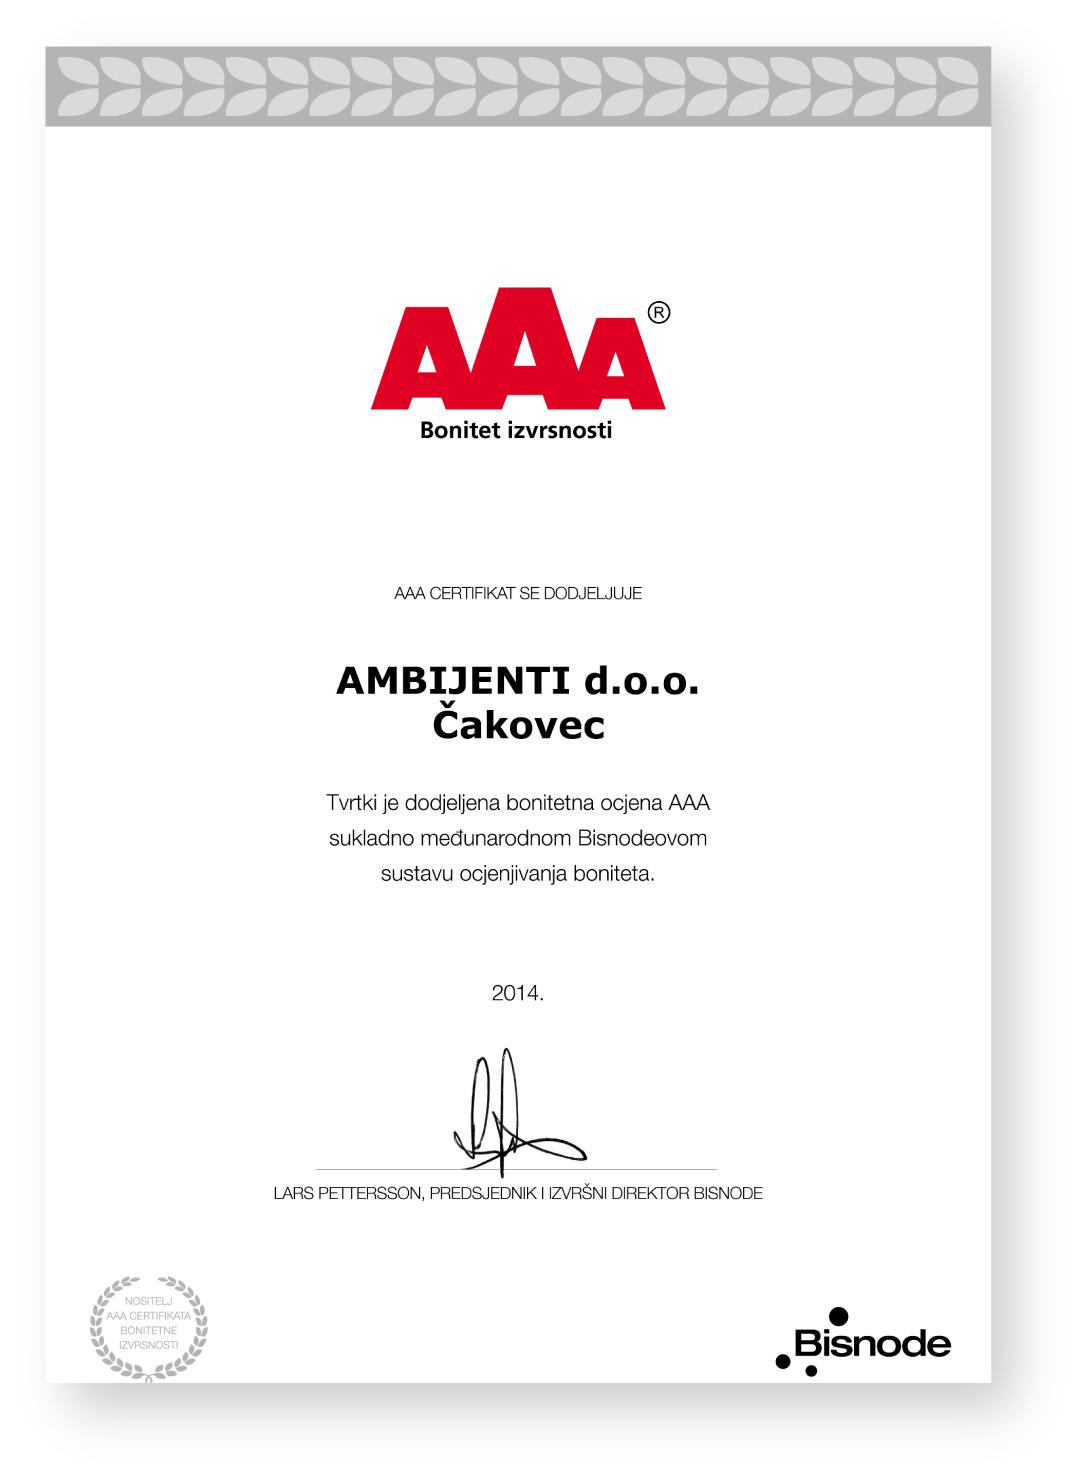 Certifikat - AMBIJENTI d.o.o.